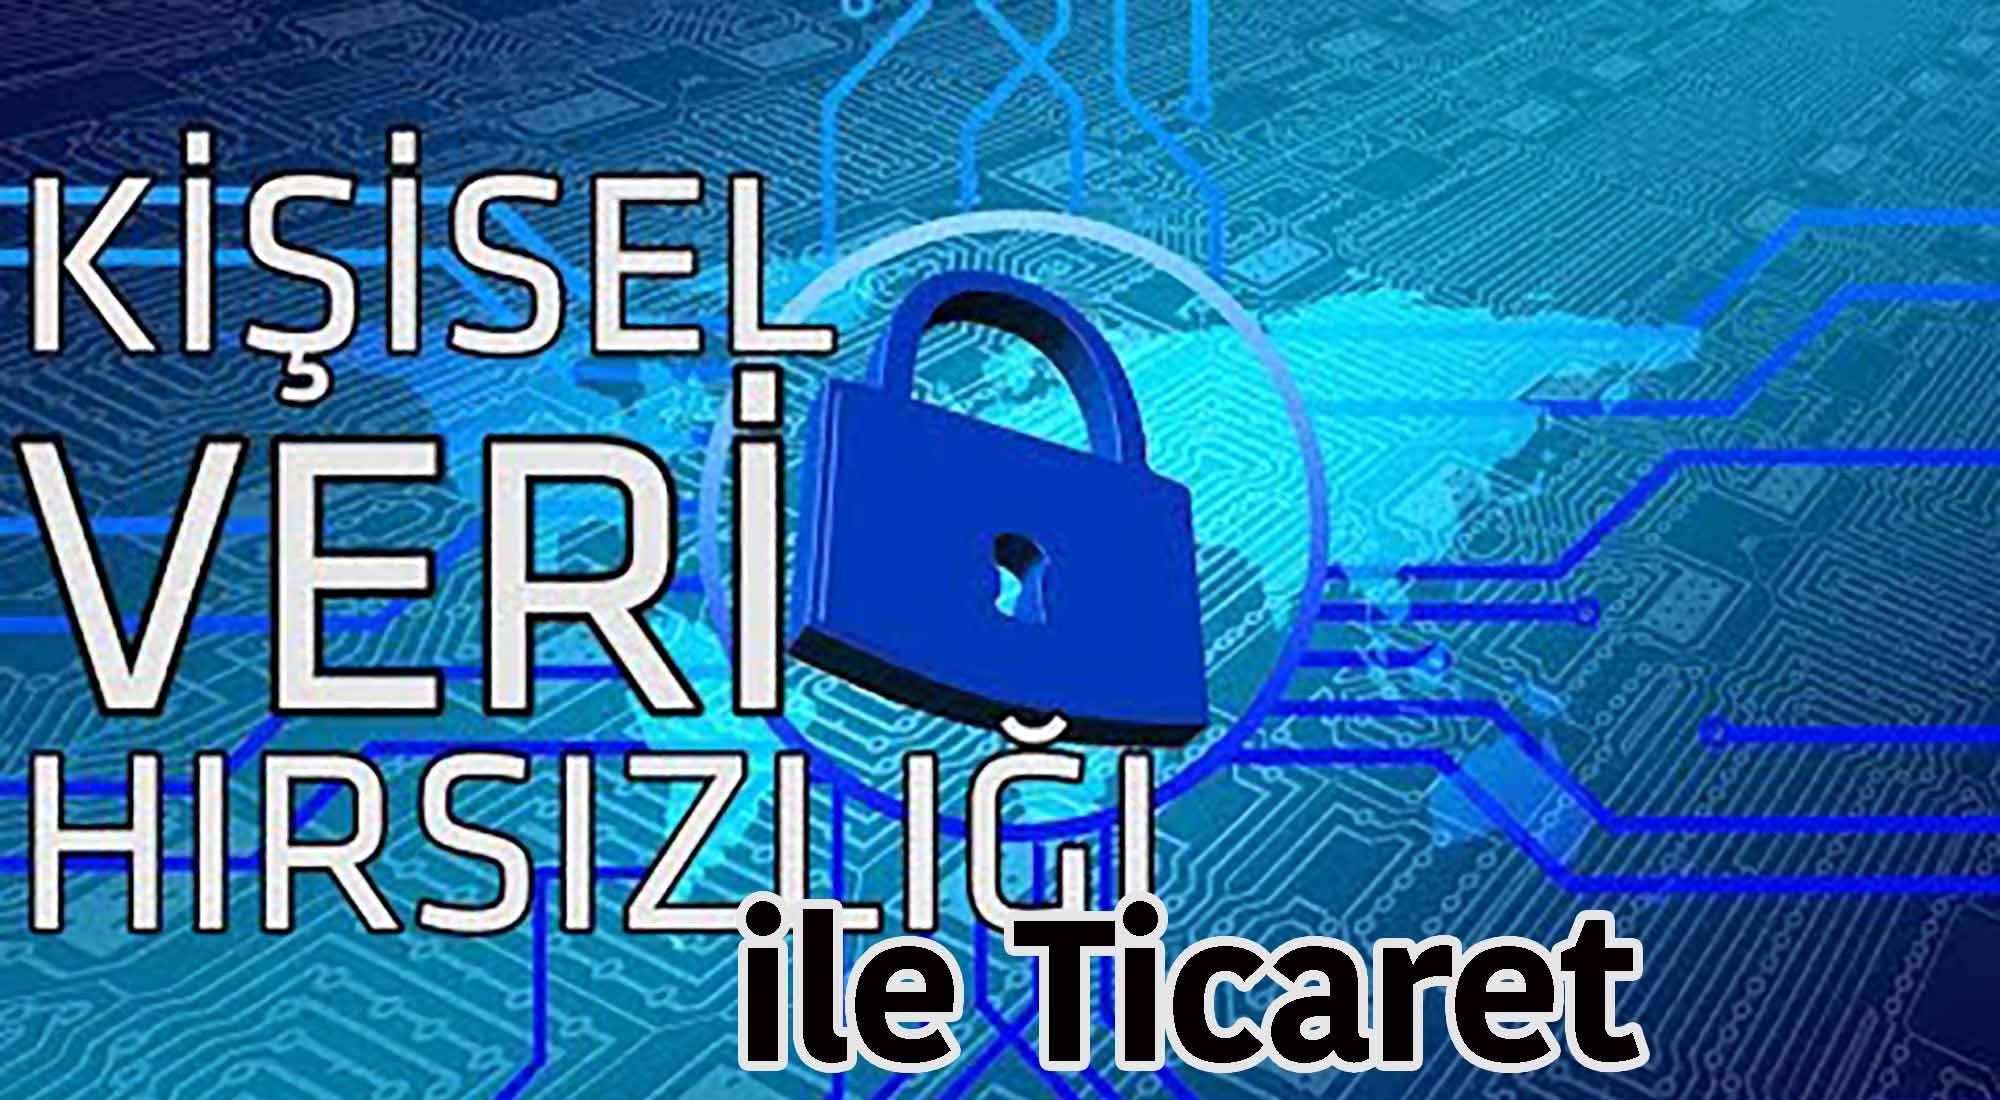 Kişisel Veri Hırsızlığına Dayanan Ticaret